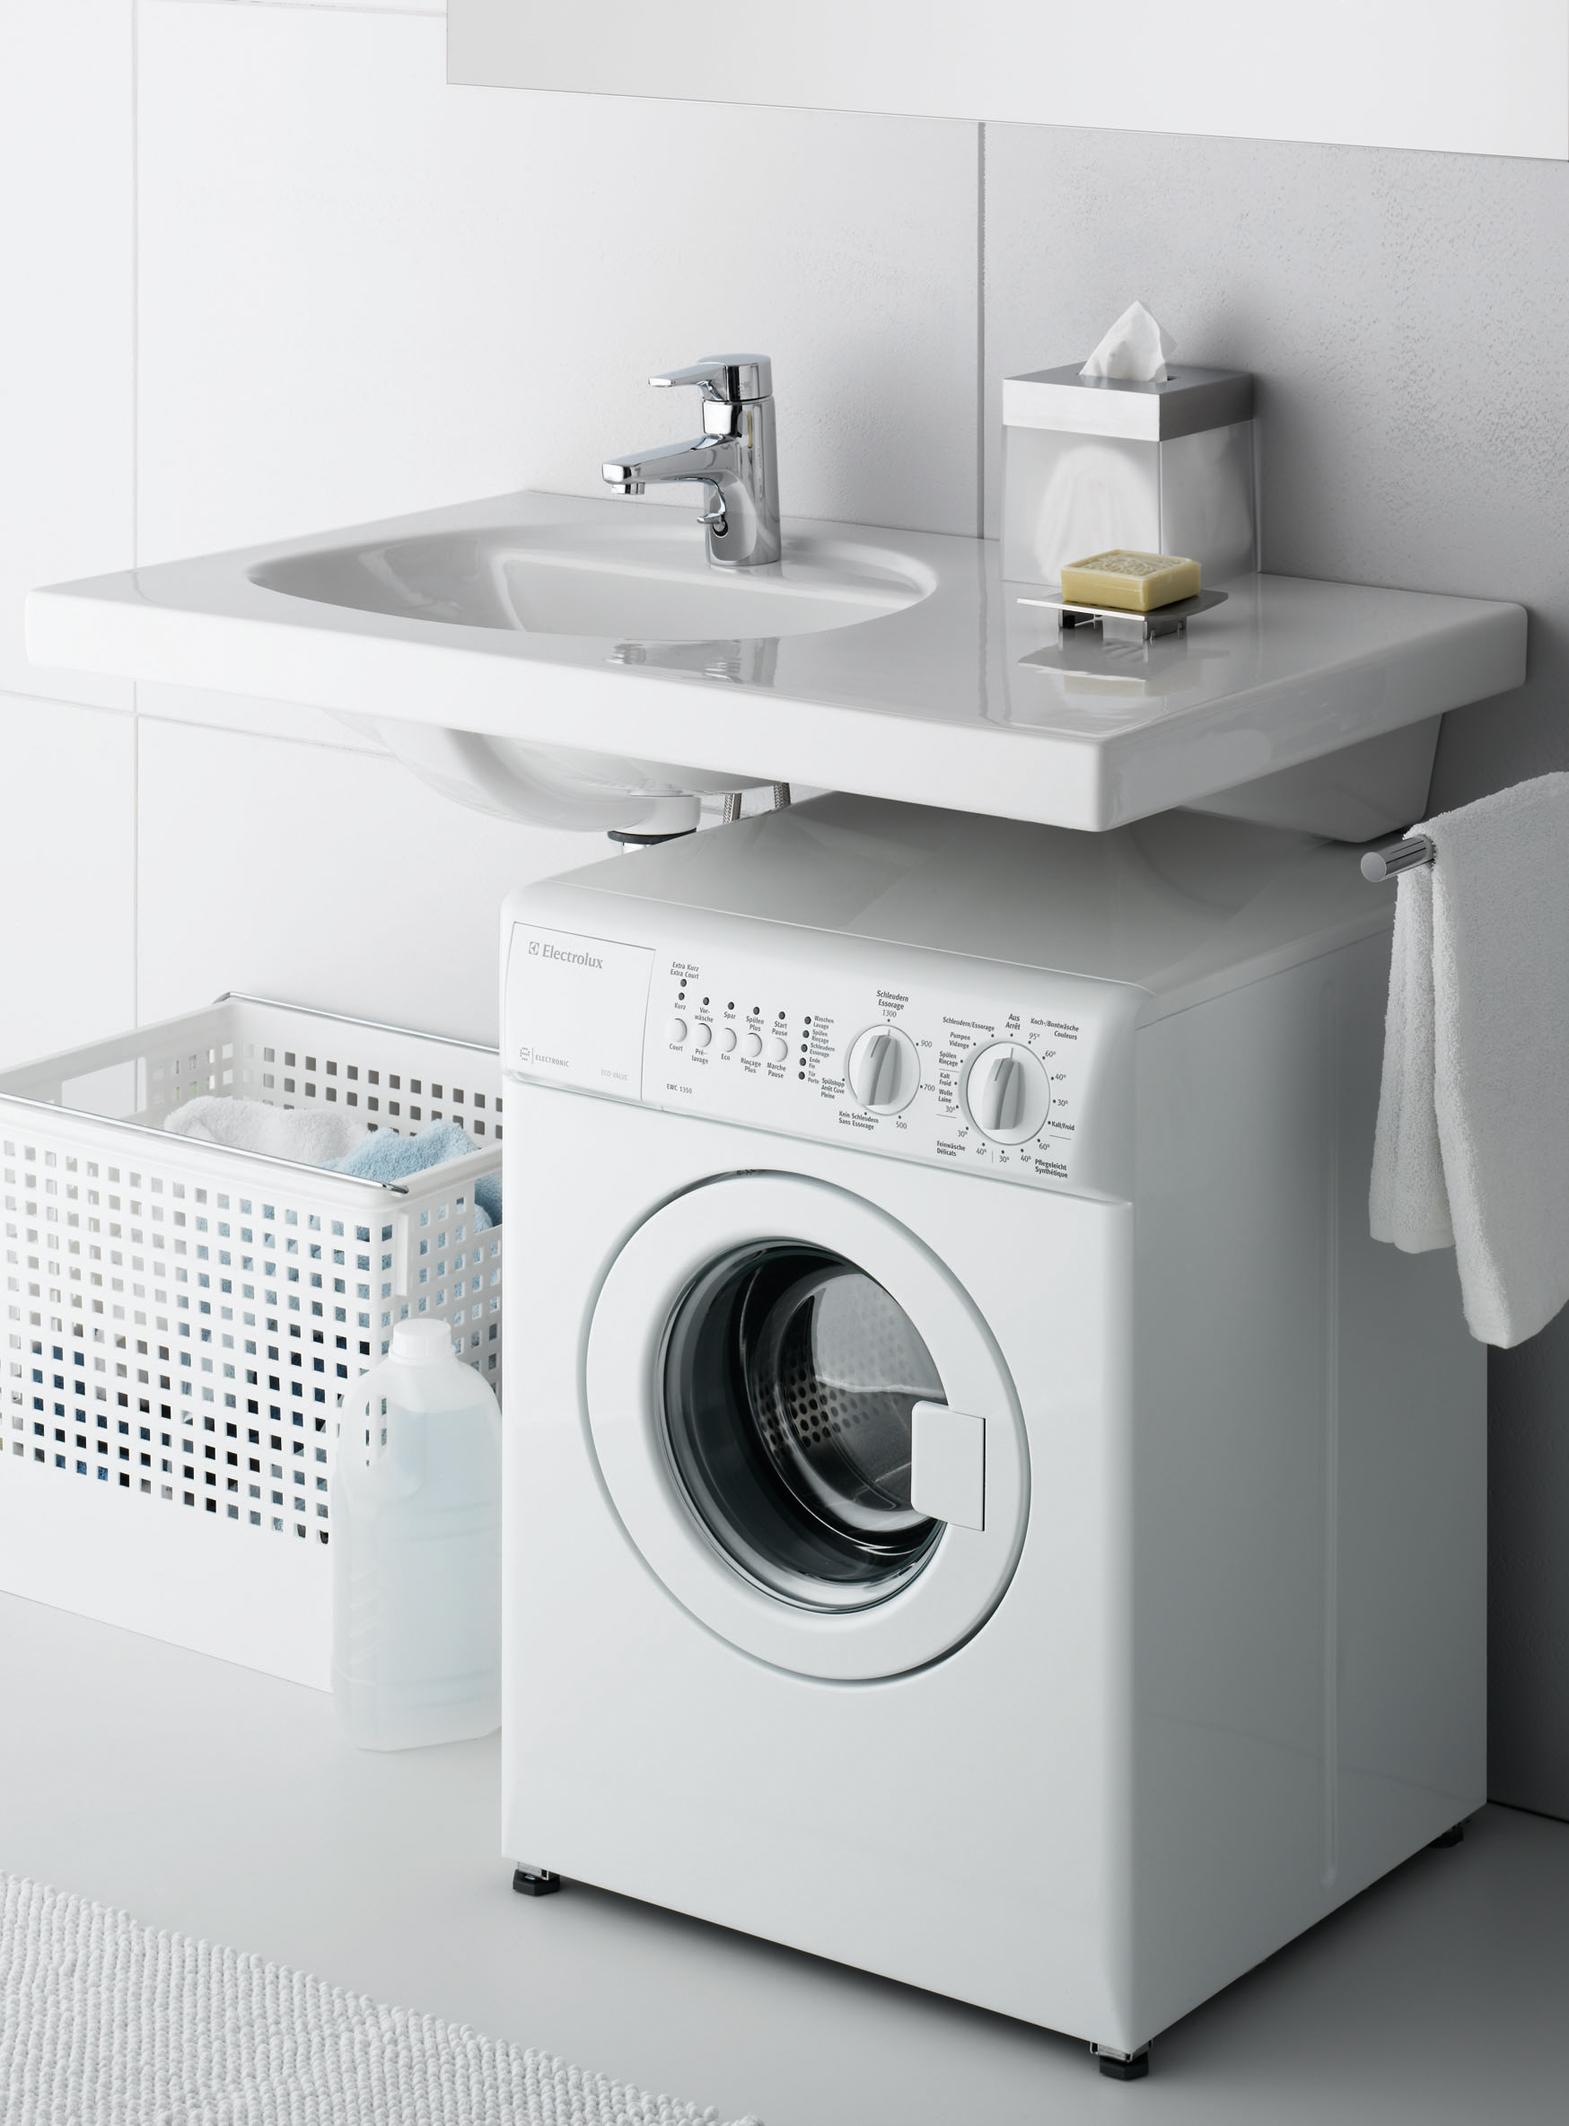 Маленькие стиральные машины: характеристики, рейтинг лучших моделей и советы по выбору